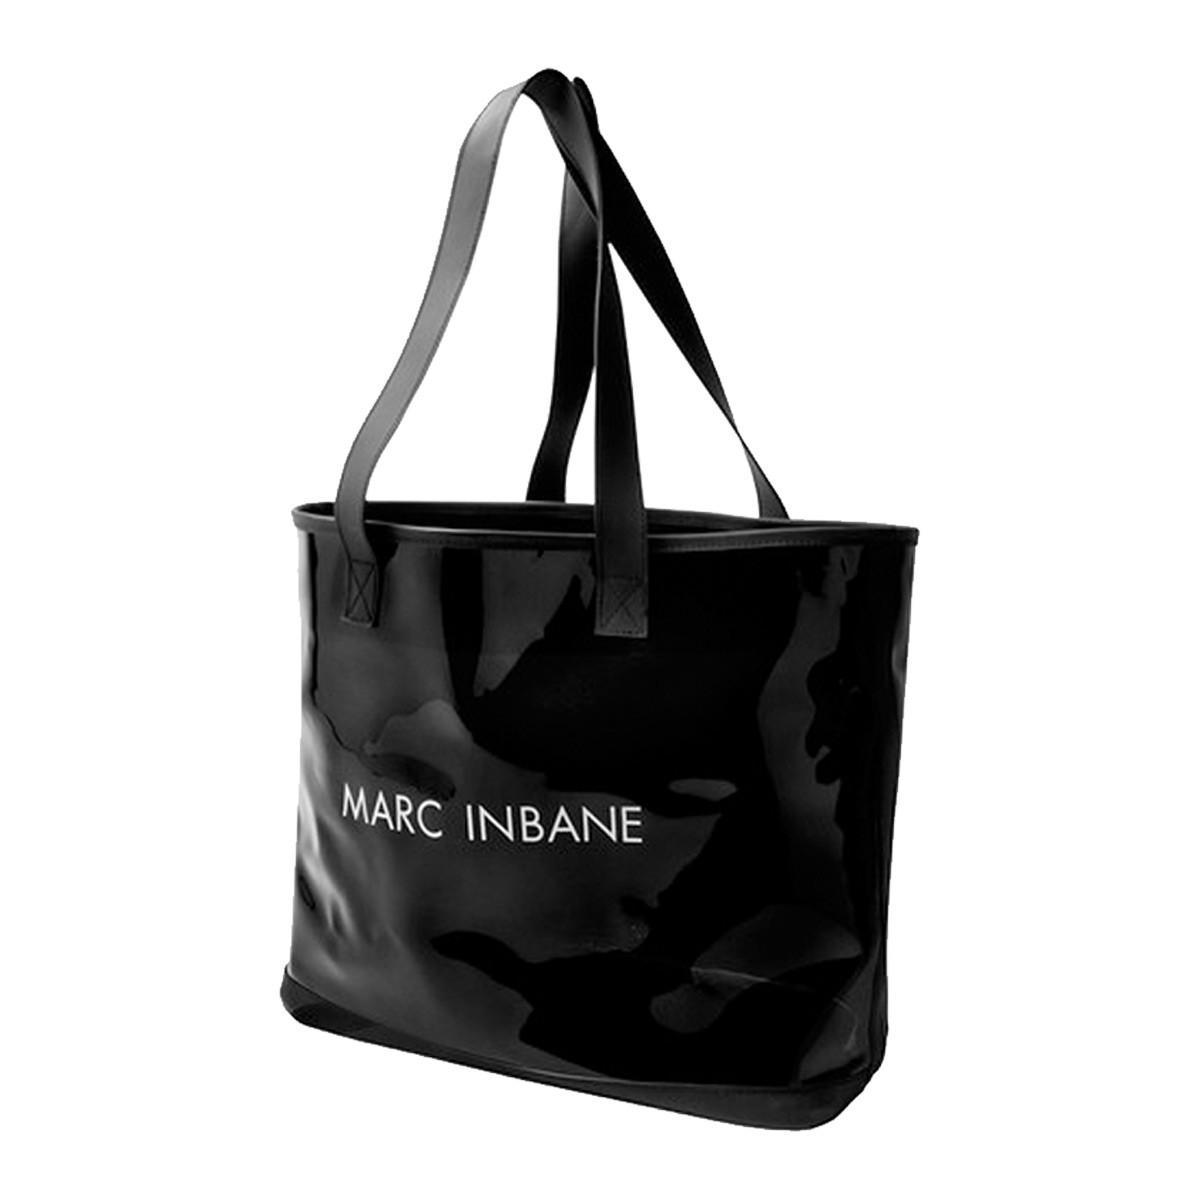 MARC INBANE Beach Bag - Torba plażowa (dostępna wyłącznie w pakiecie)